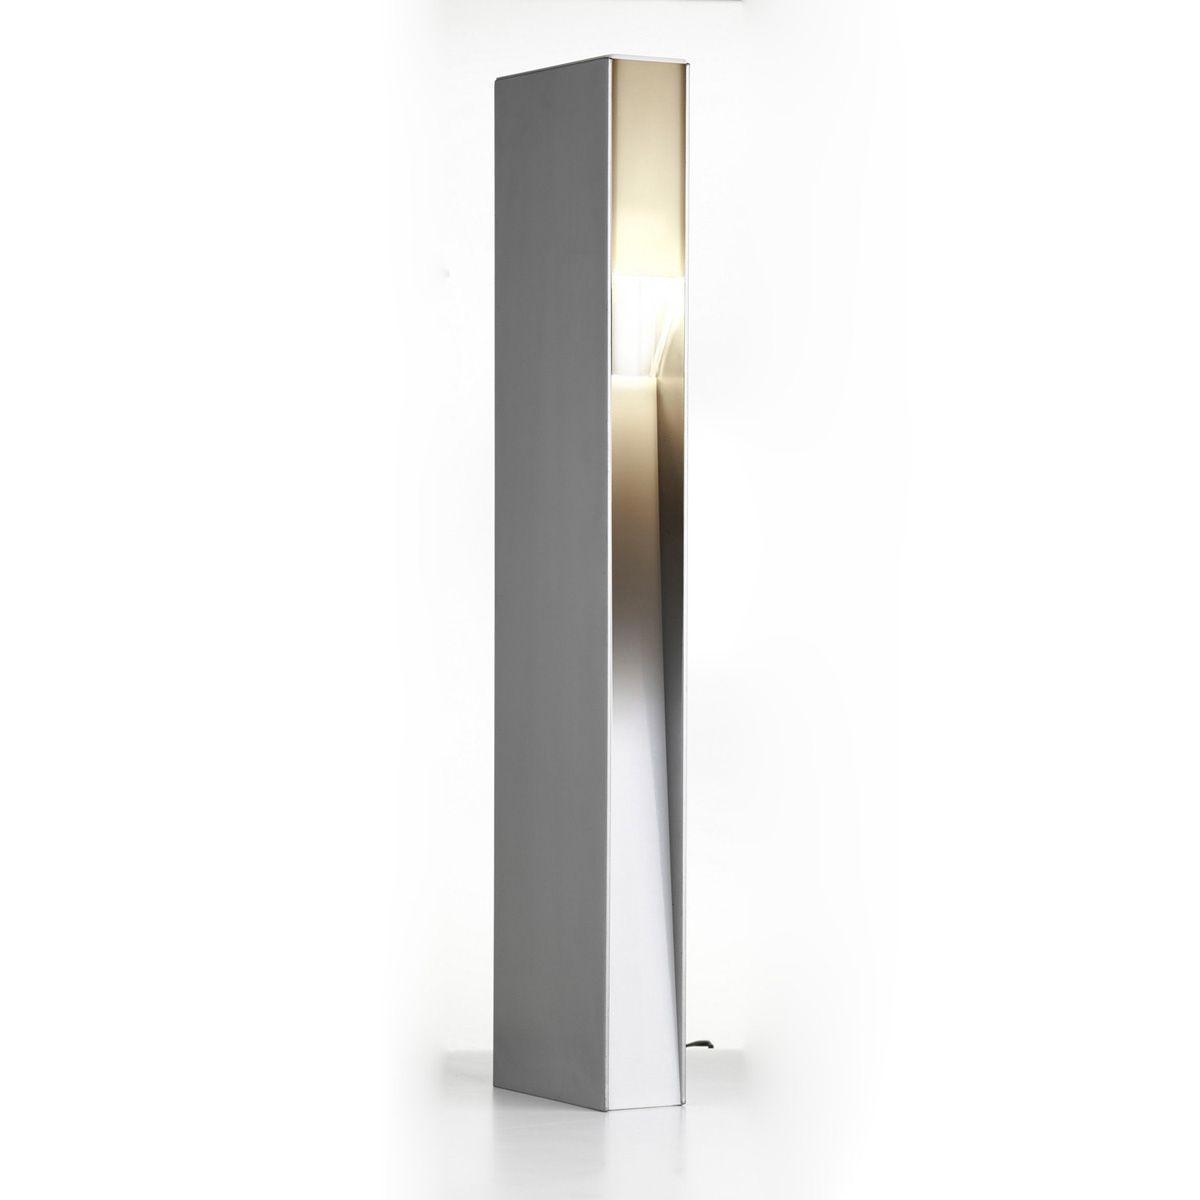 Standleuchte Opal, Aluminium, anthrazit, warm weiss, 12 V, 3 W, 705 x 65 x 165 mm